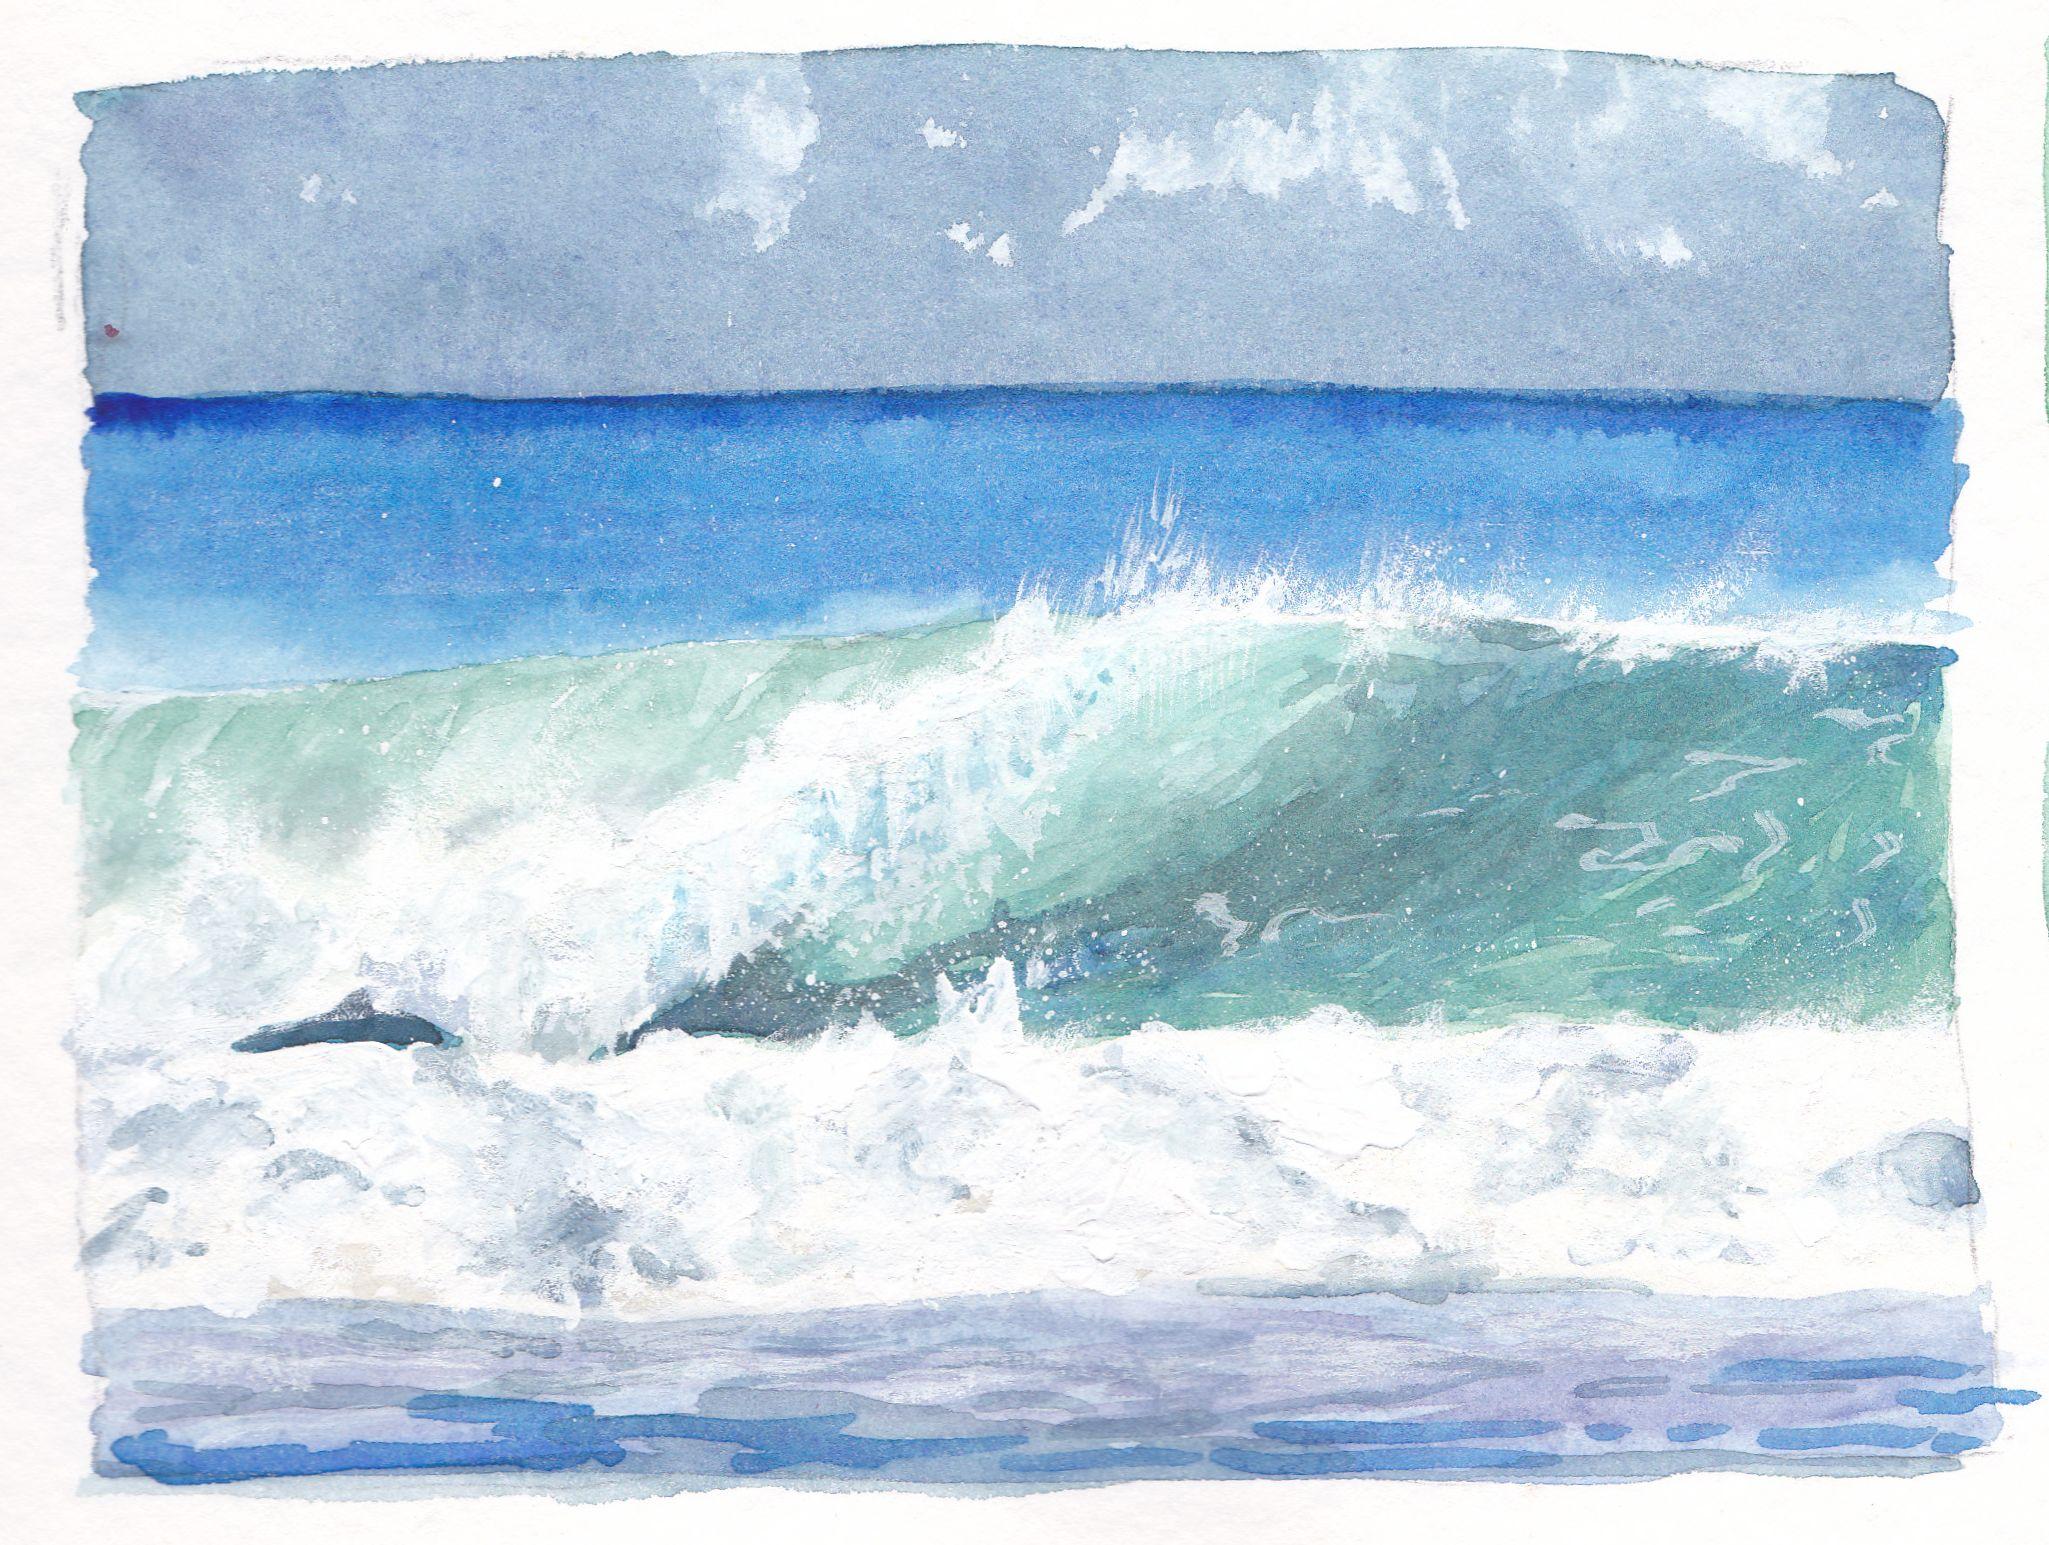 Die Welle. Definitiv keine ostfriesische Welle, die wäre nämlich grün-braun.